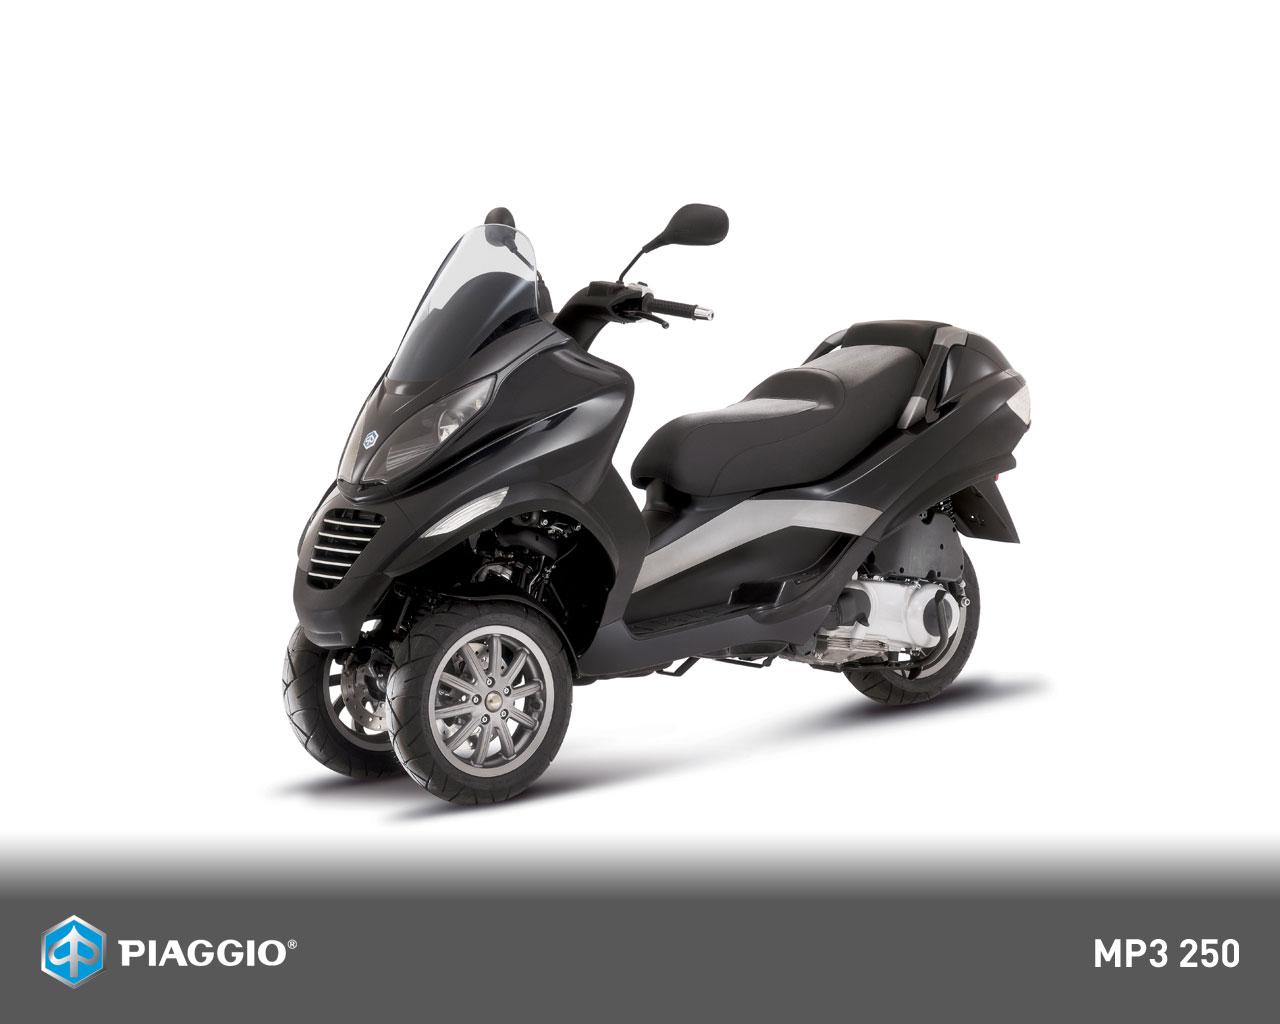 piaggio mp3 250 specs - 2010, 2011 - autoevolution